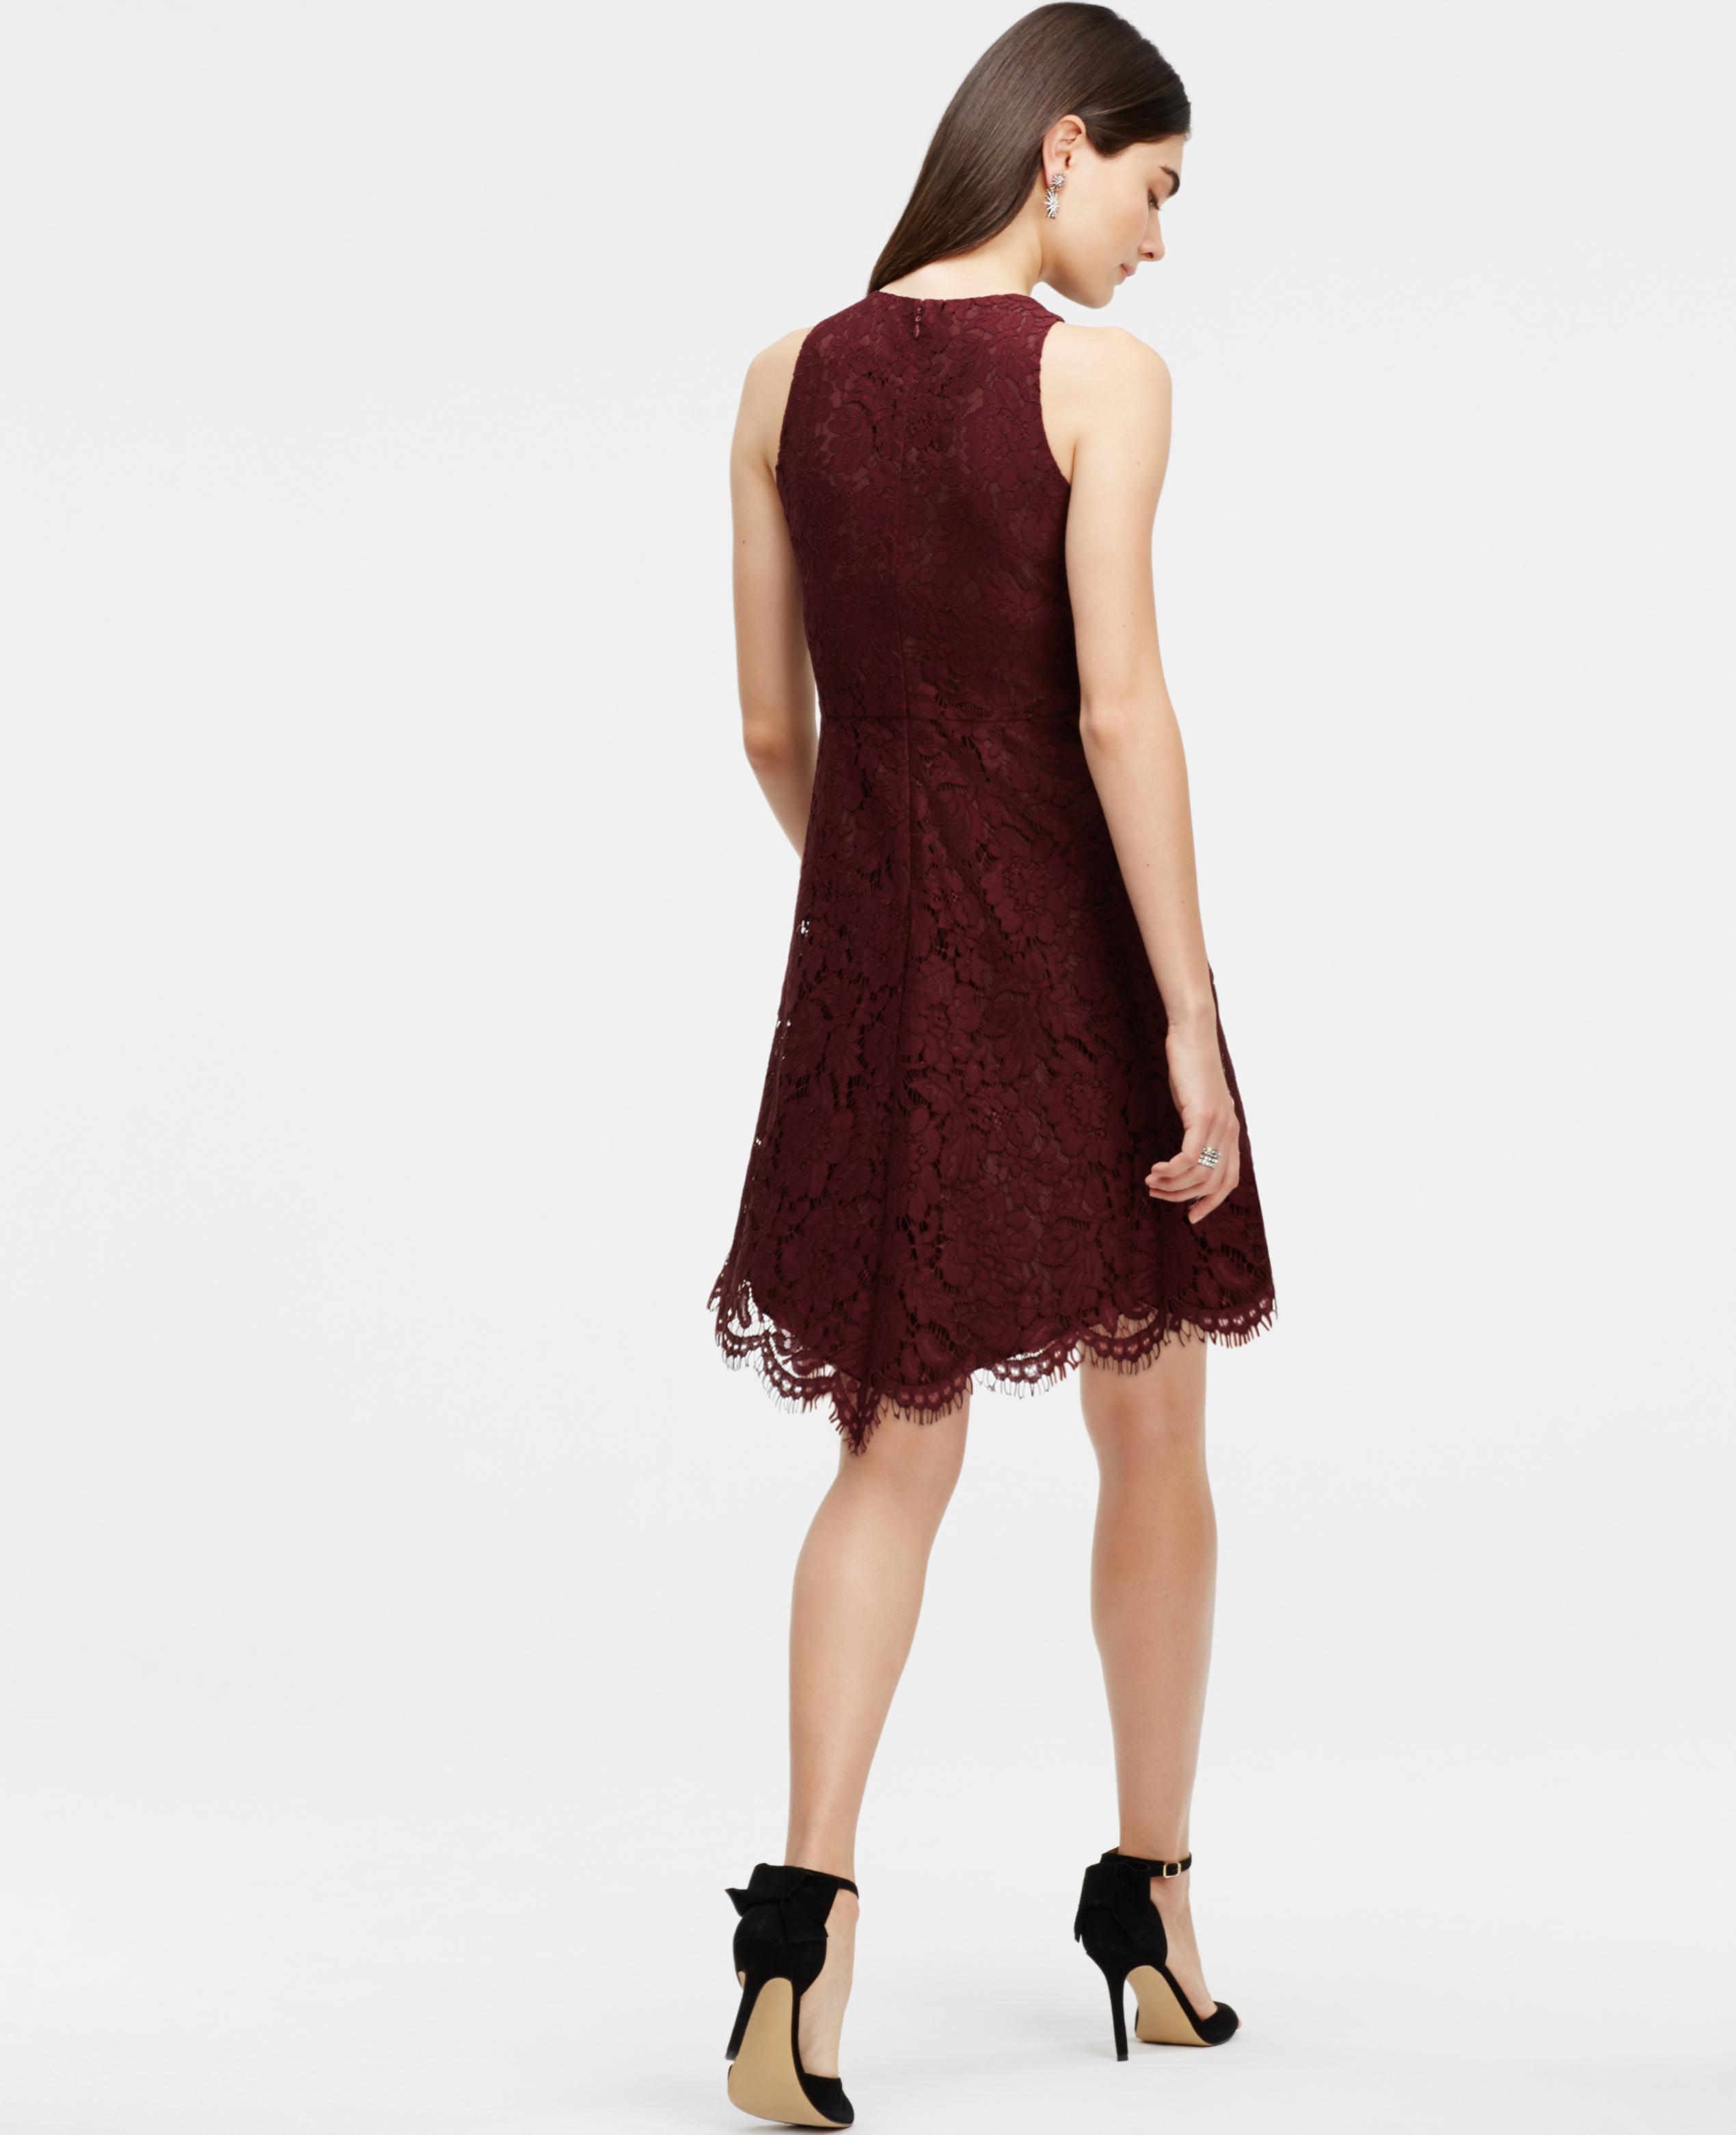 Lyst - Ann Taylor Petite Lace Flare Dress in Purple